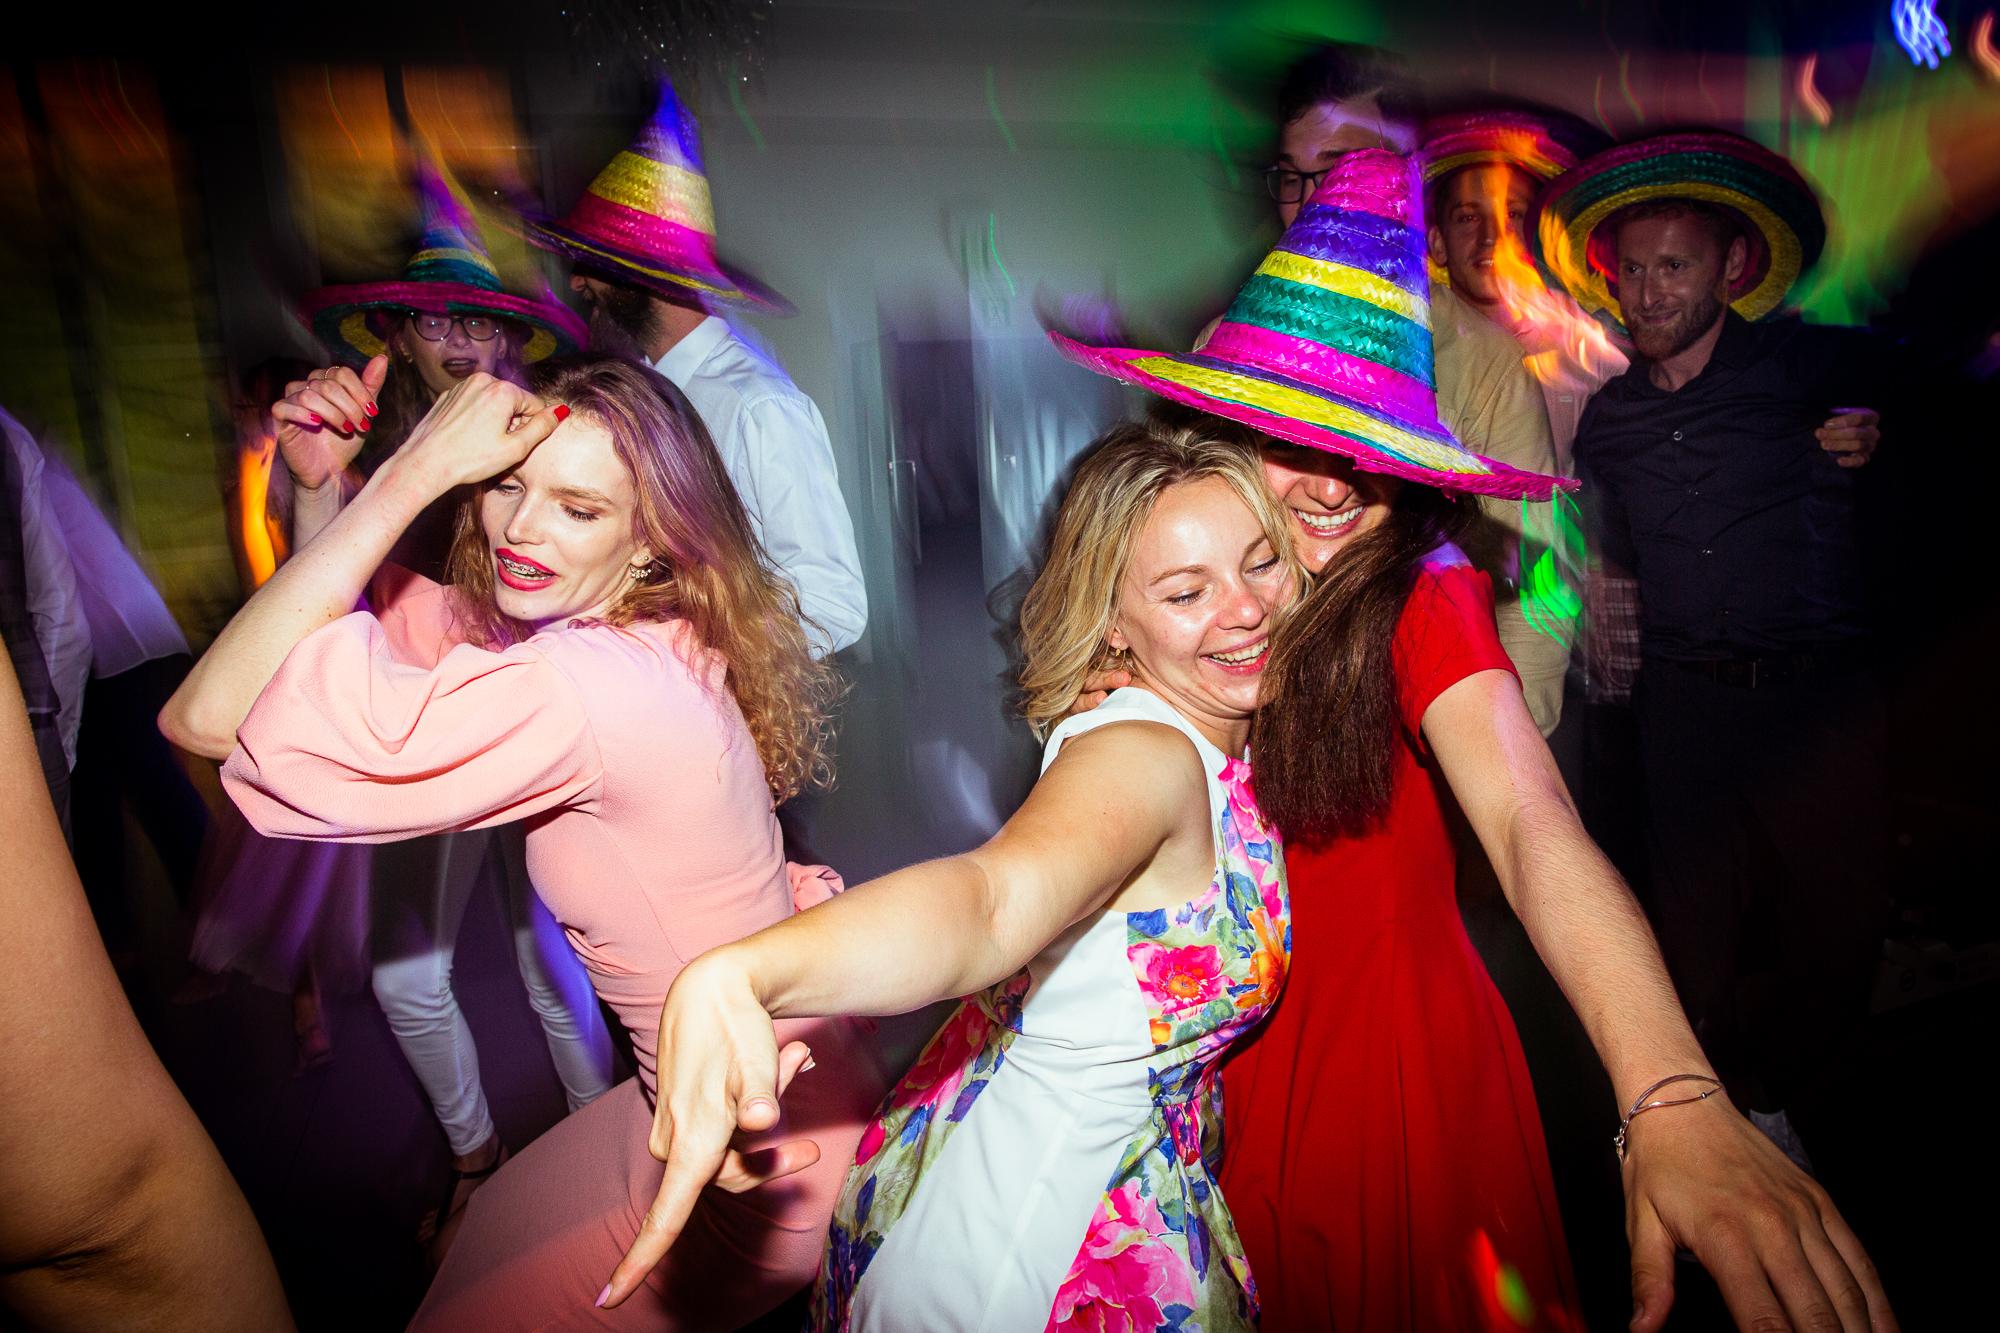 Fotoreportaż ślubny, taniec gości weselnych w kolorowych kapeluszach